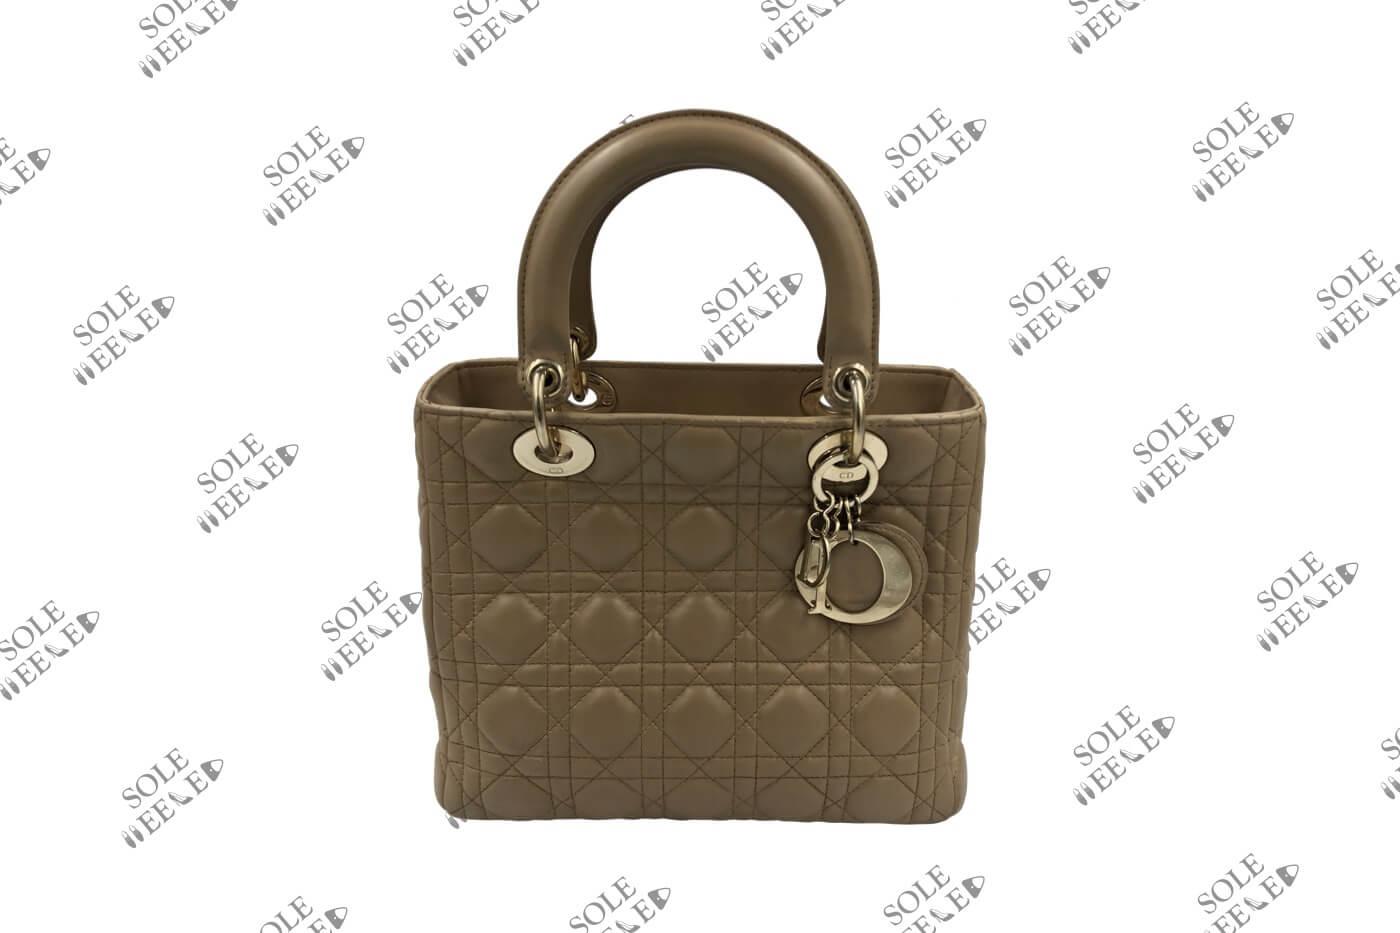 Christian Dior Handbag Restoration